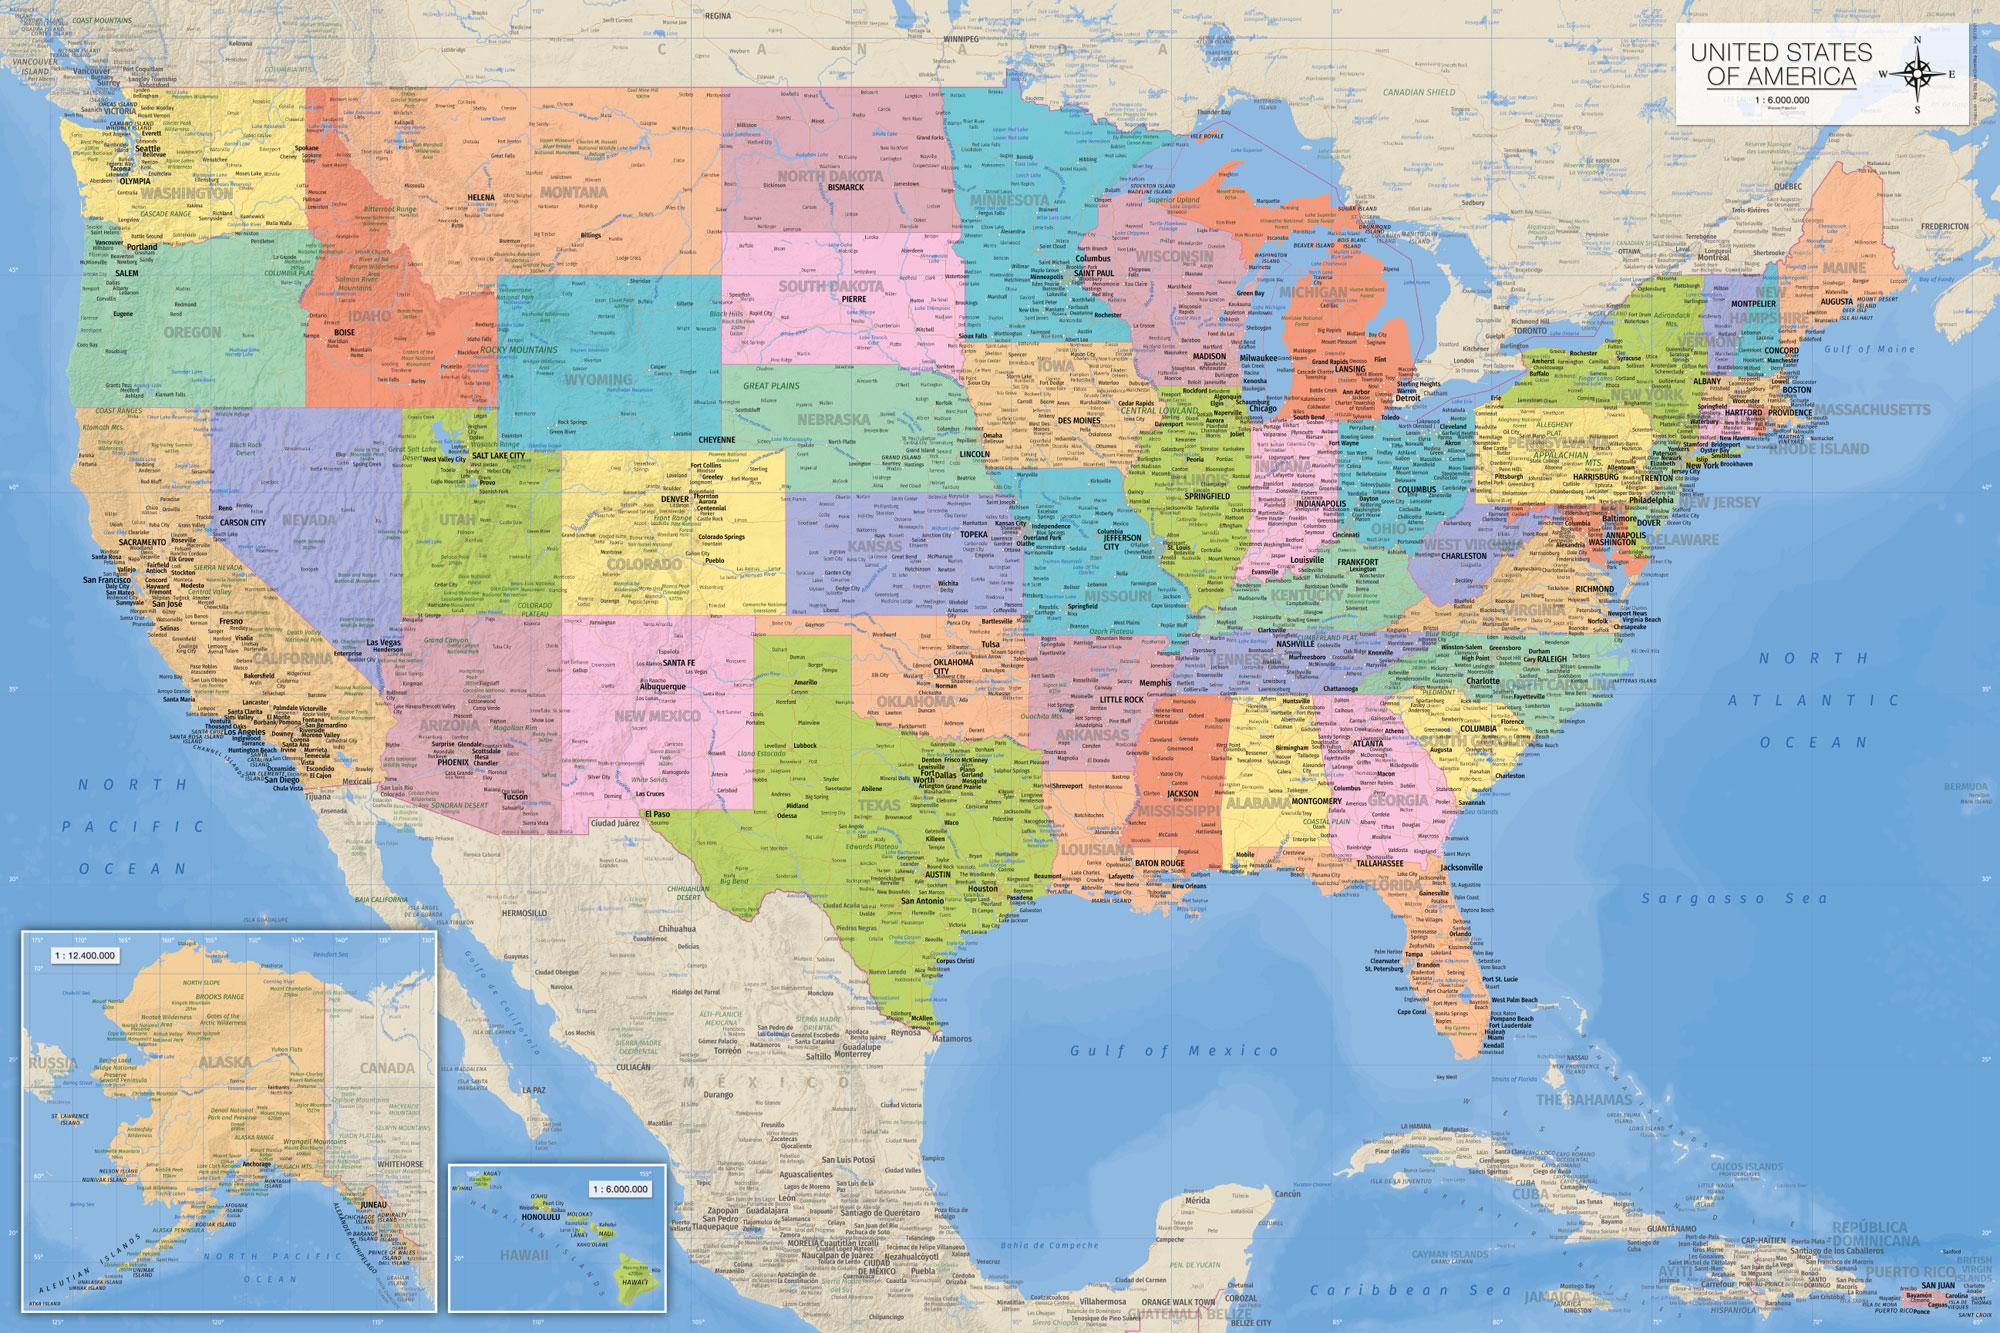 Details zu Landkarten - Map of the USA englisch - Poster Druck 1:6 Mio.,  91,5x61 cm